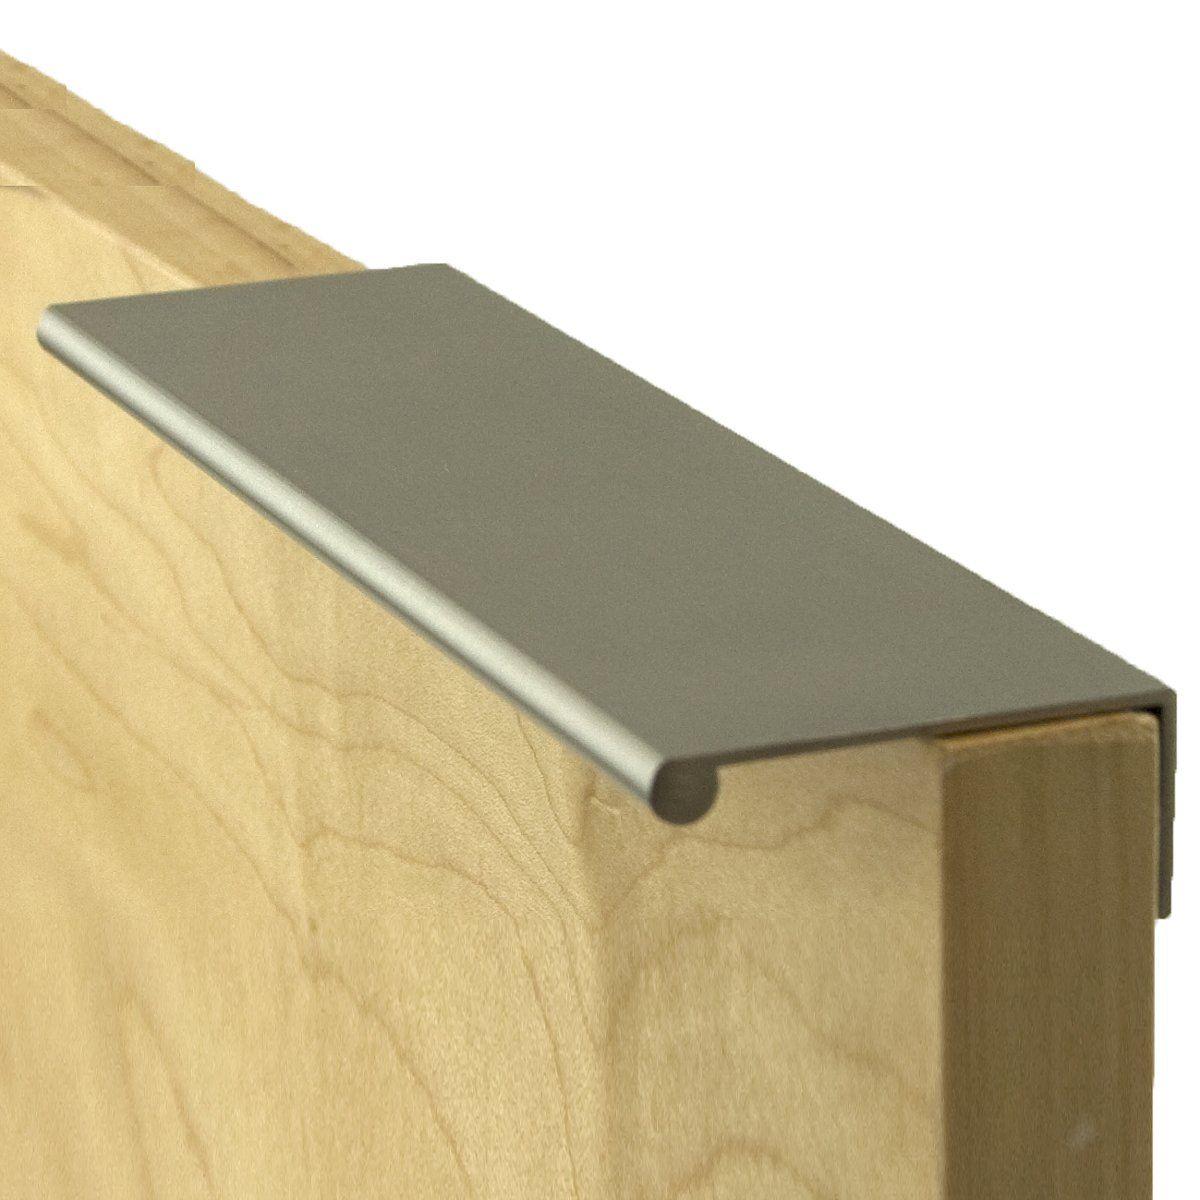 Berenson Hardware Finger Pull 1053 4026 P Atg S Kitchen Drawer Pulls